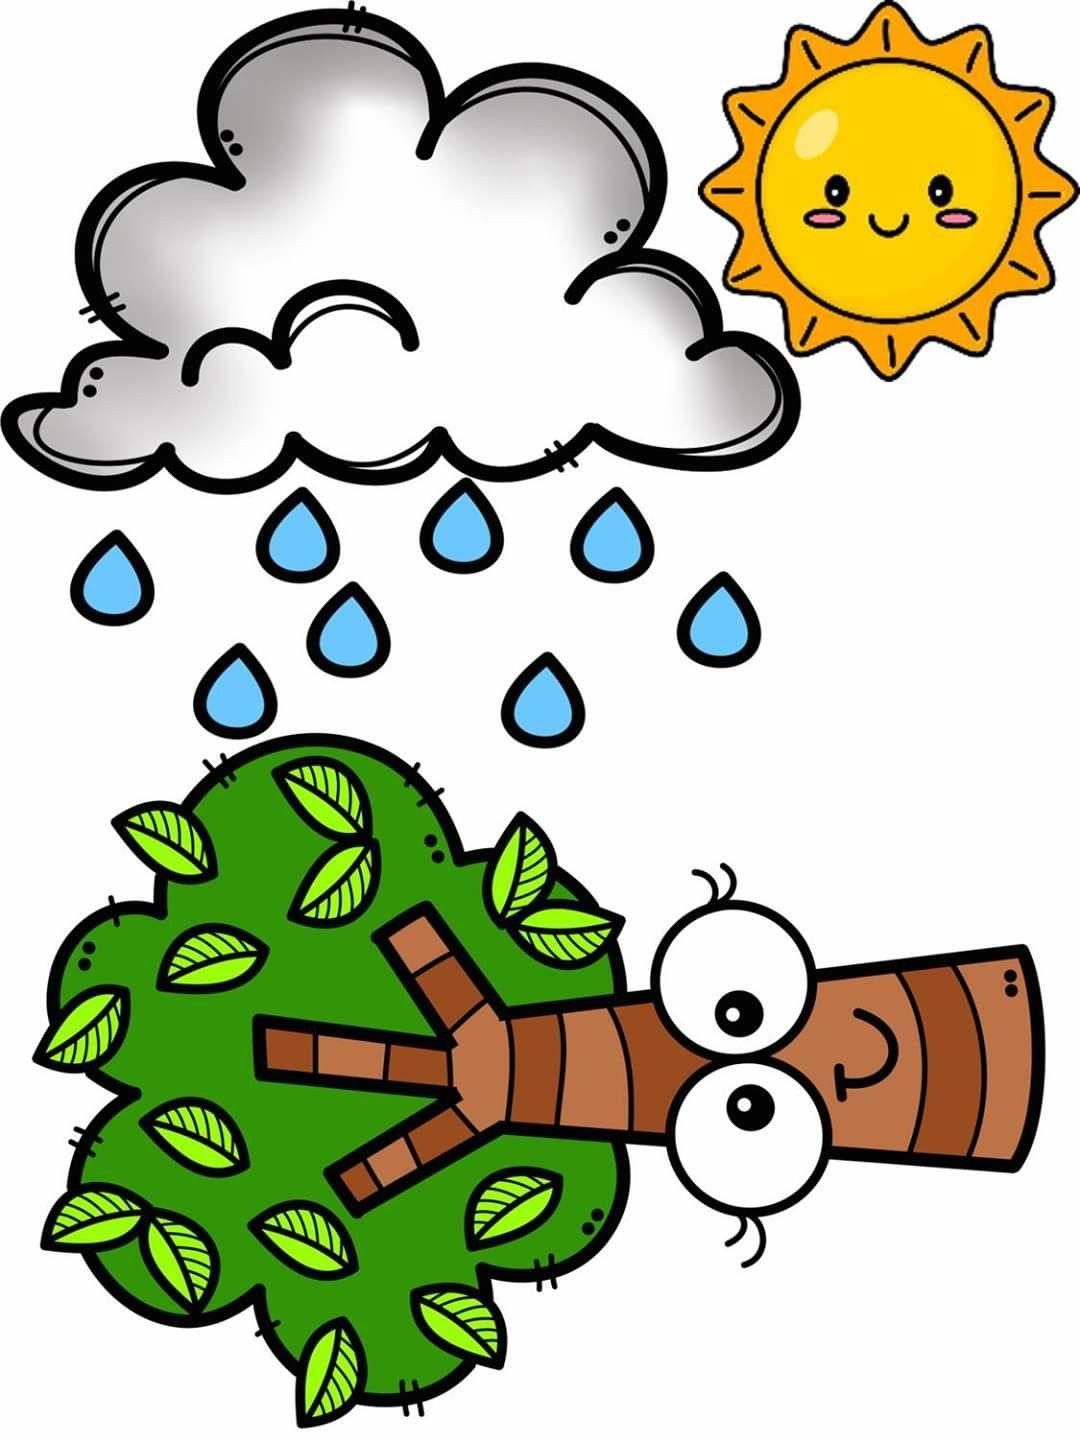 Hoy Llovia Pero Salio El Sol Mi Amiga Siempre Sabe Cuando Necesito Su Calor En 2020 Dibujo De Escuela Manualidades Escolares Dibujos De Profesores